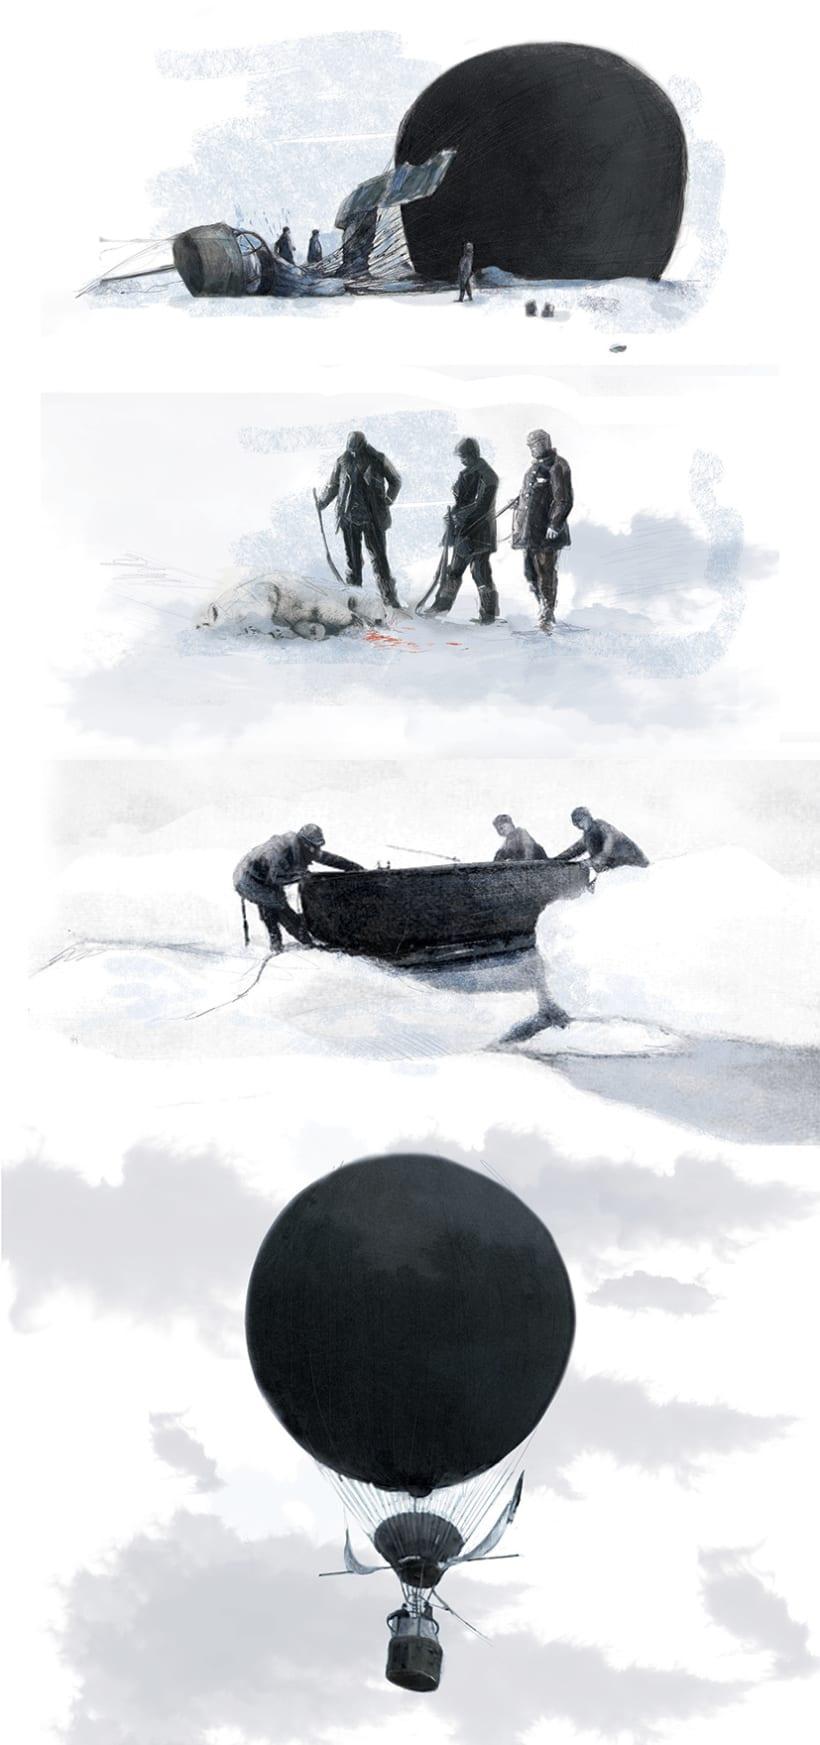 El globo de hielo 11